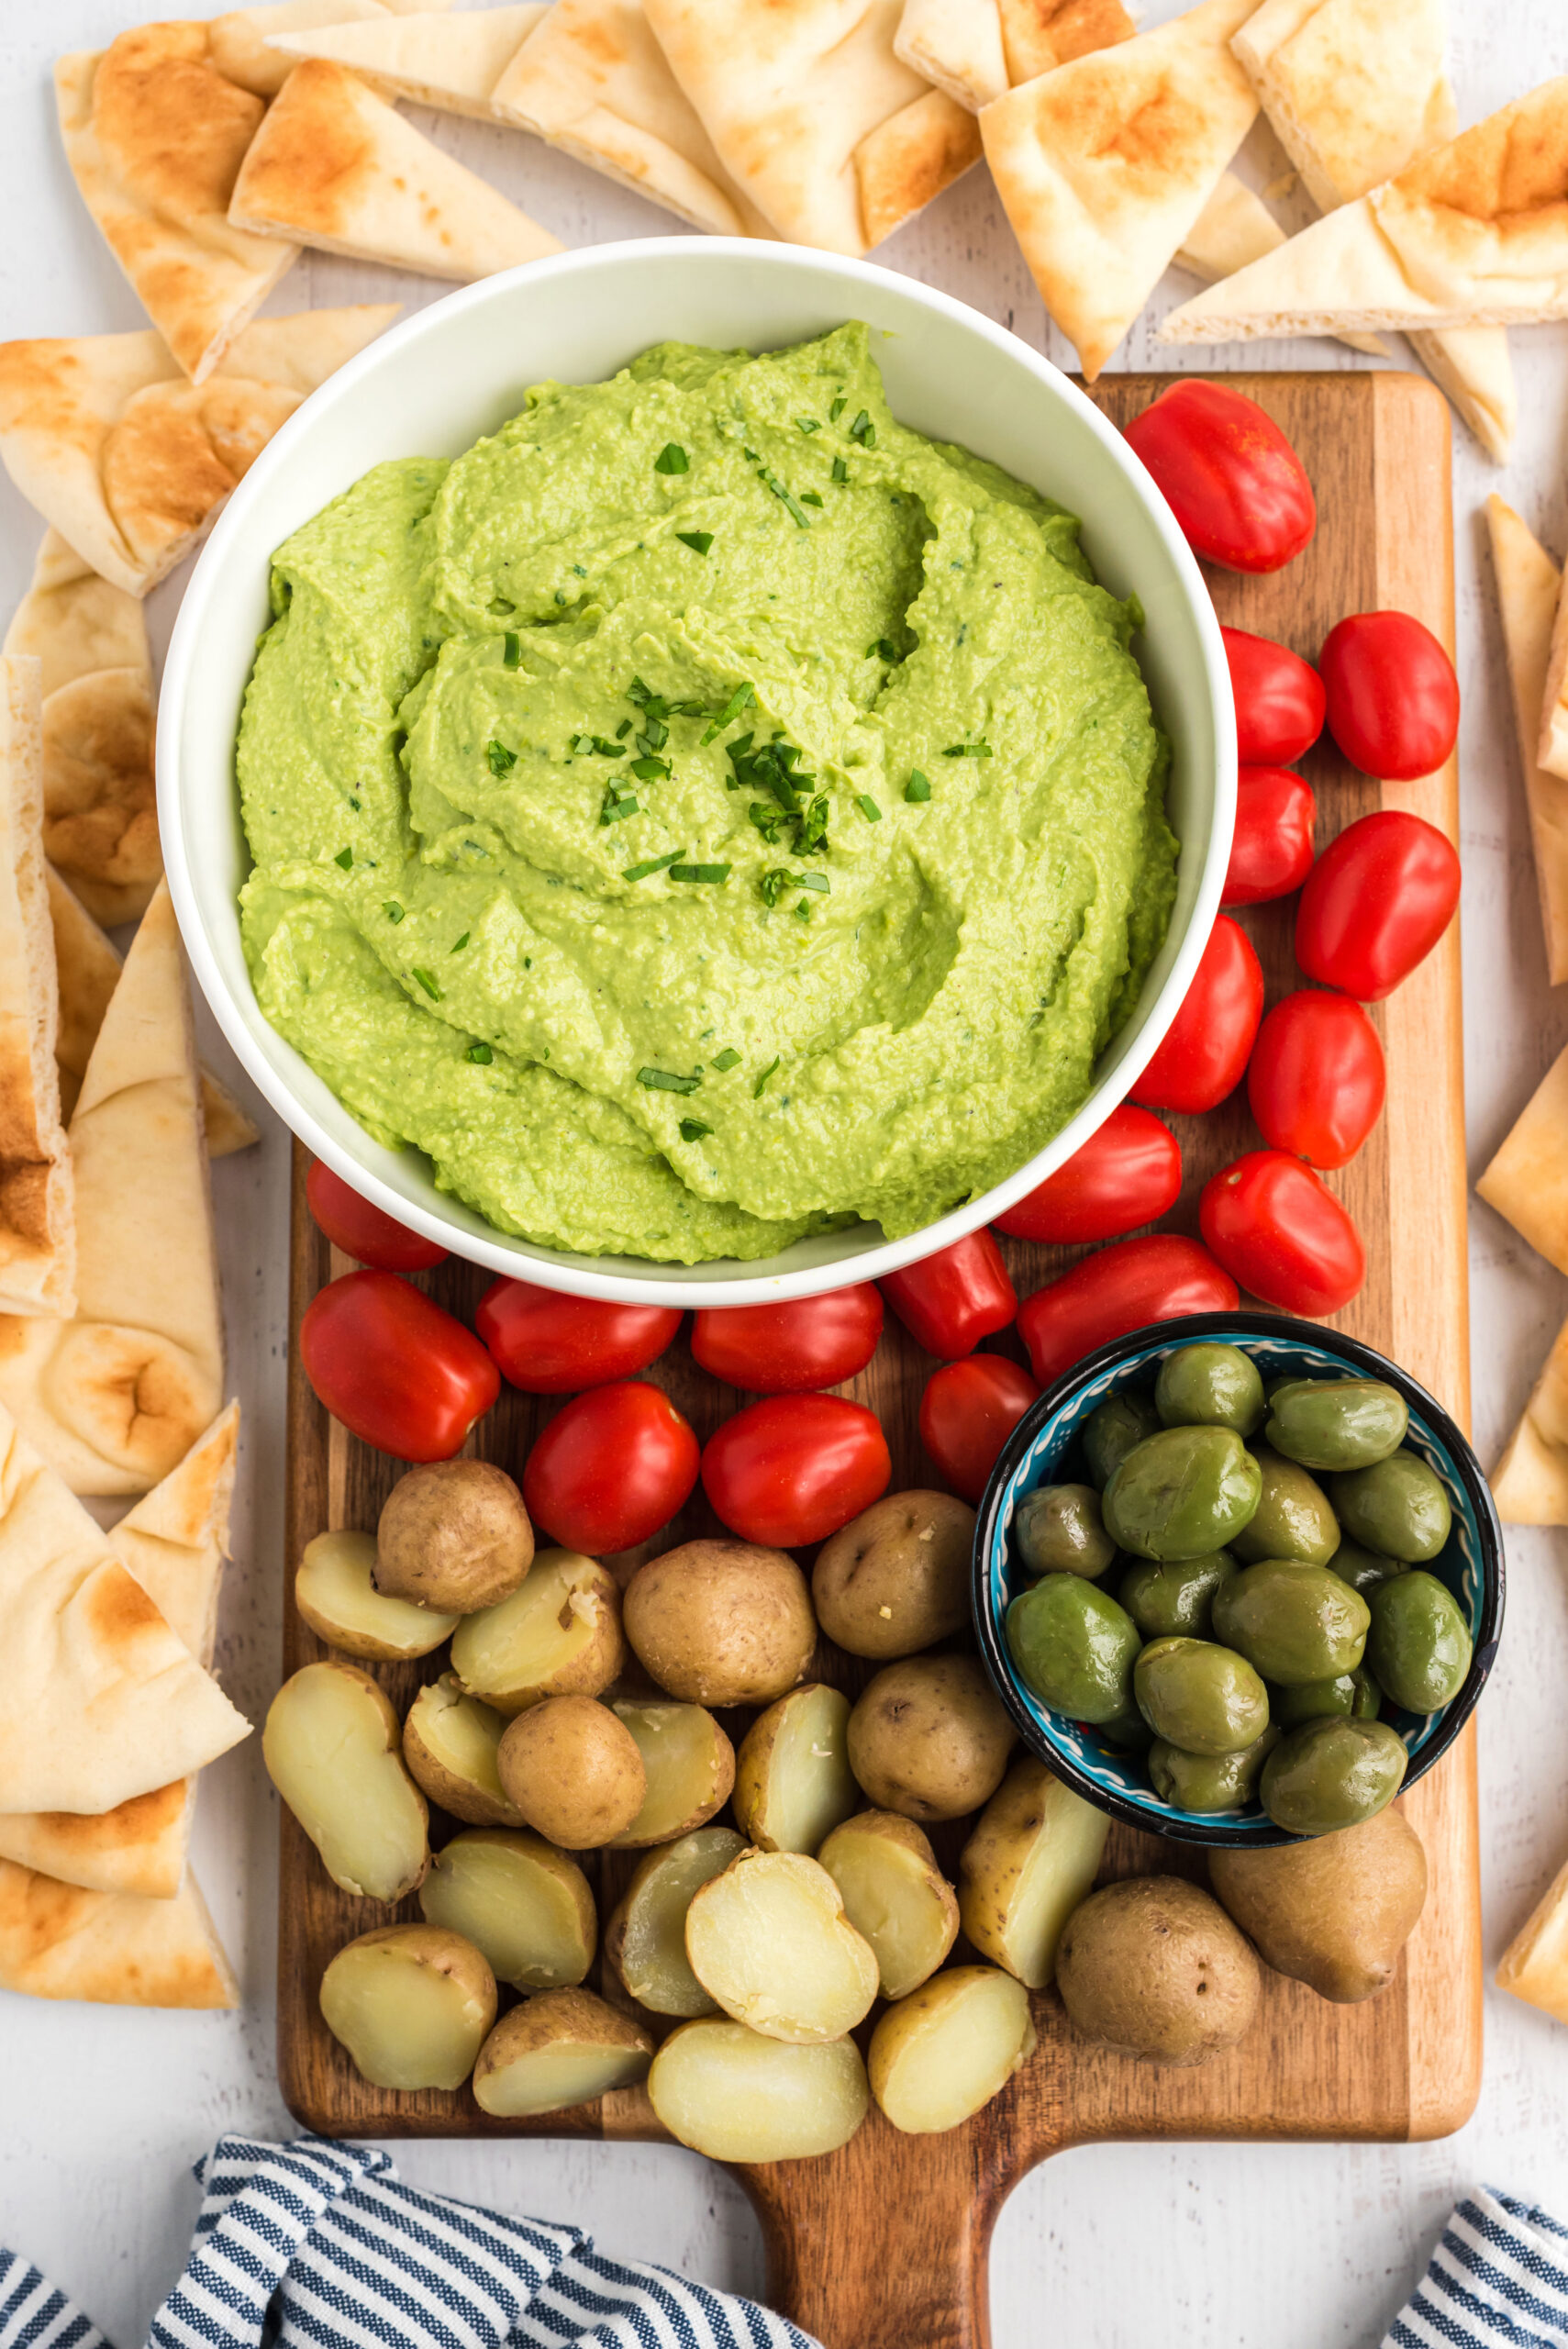 Avo-mame Hummus